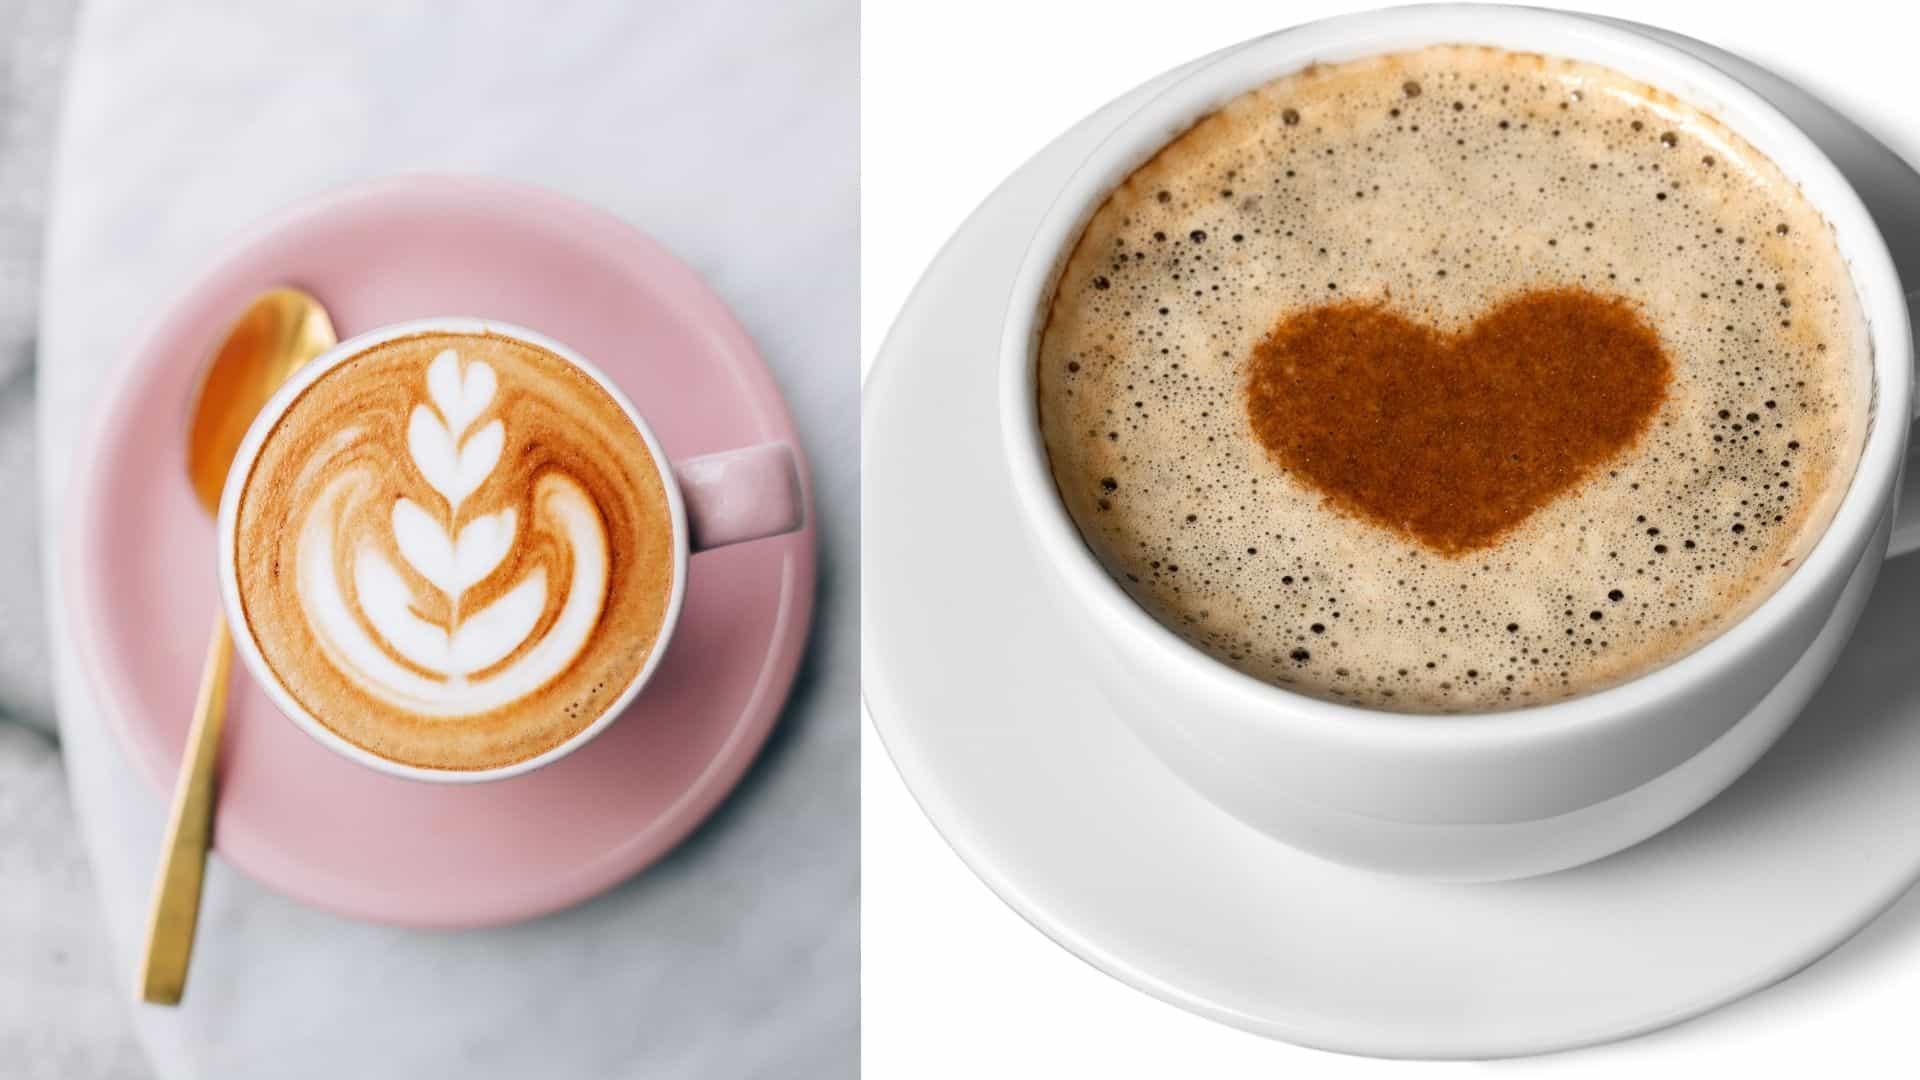 A kávé művészete nem csak latte habbá rajzolt virágminták. A babpörköltéstől az ital főzése a kézműves kávé mi az finomabb részleteit minden eddiginél jobban értékelik. A kézműves kávé kultúrájának növekedésével az emberek egyre inkább kíváncsiak a tökéletes csésze elkészítésének titkára. Legyen szó üzleti haszonszerzés,l vagy személyes élvezetről, a tökéletes csésze kávé kulcsa nagyon keresett.